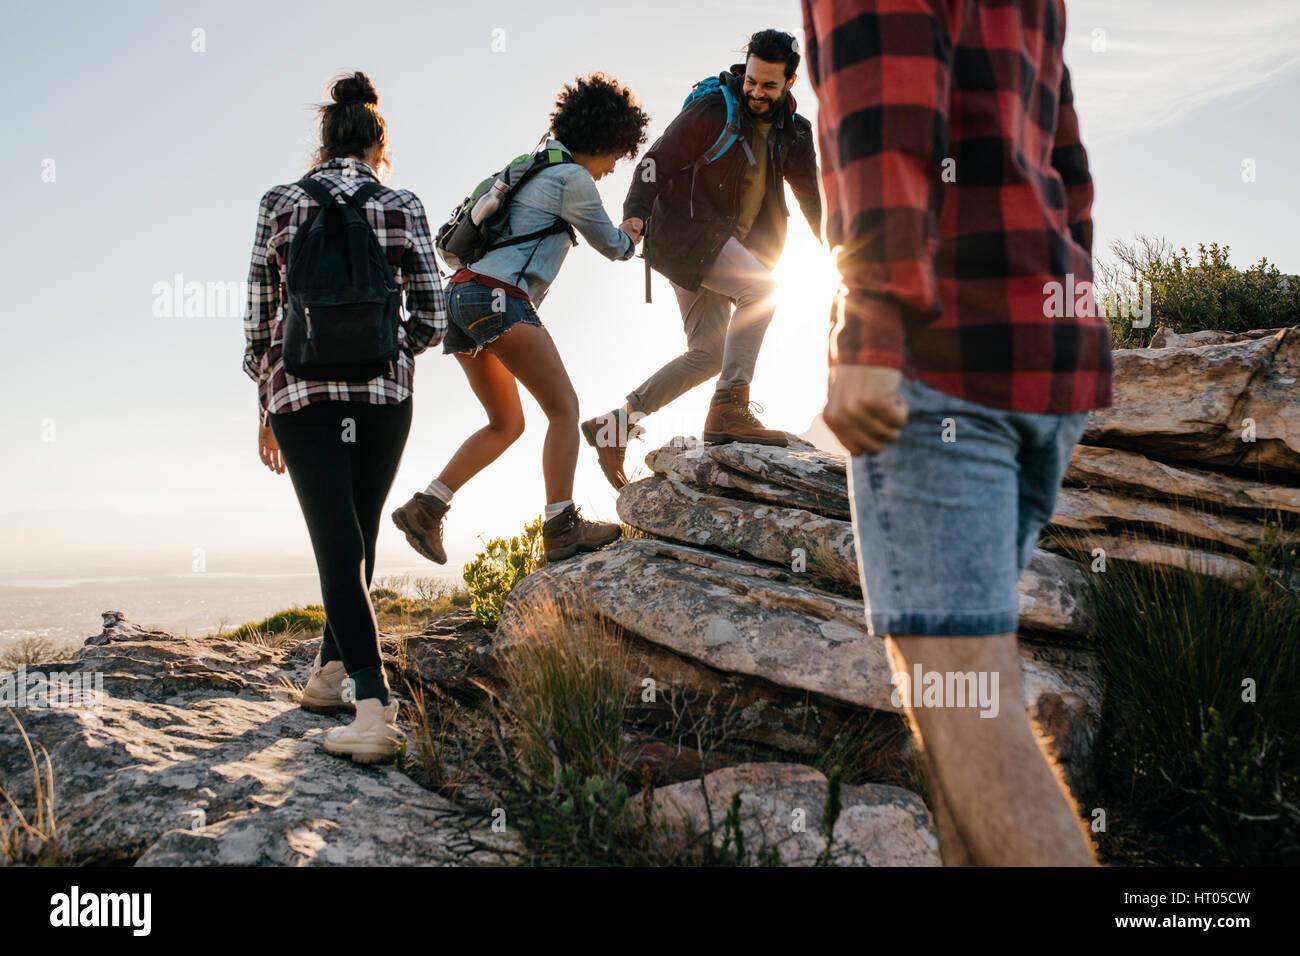 Gruppe von Wanderern mit Rucksäcken zu Fuß auf einem Berg. Vier Freunde machen einen Ausflug in die Natur. Stockbild